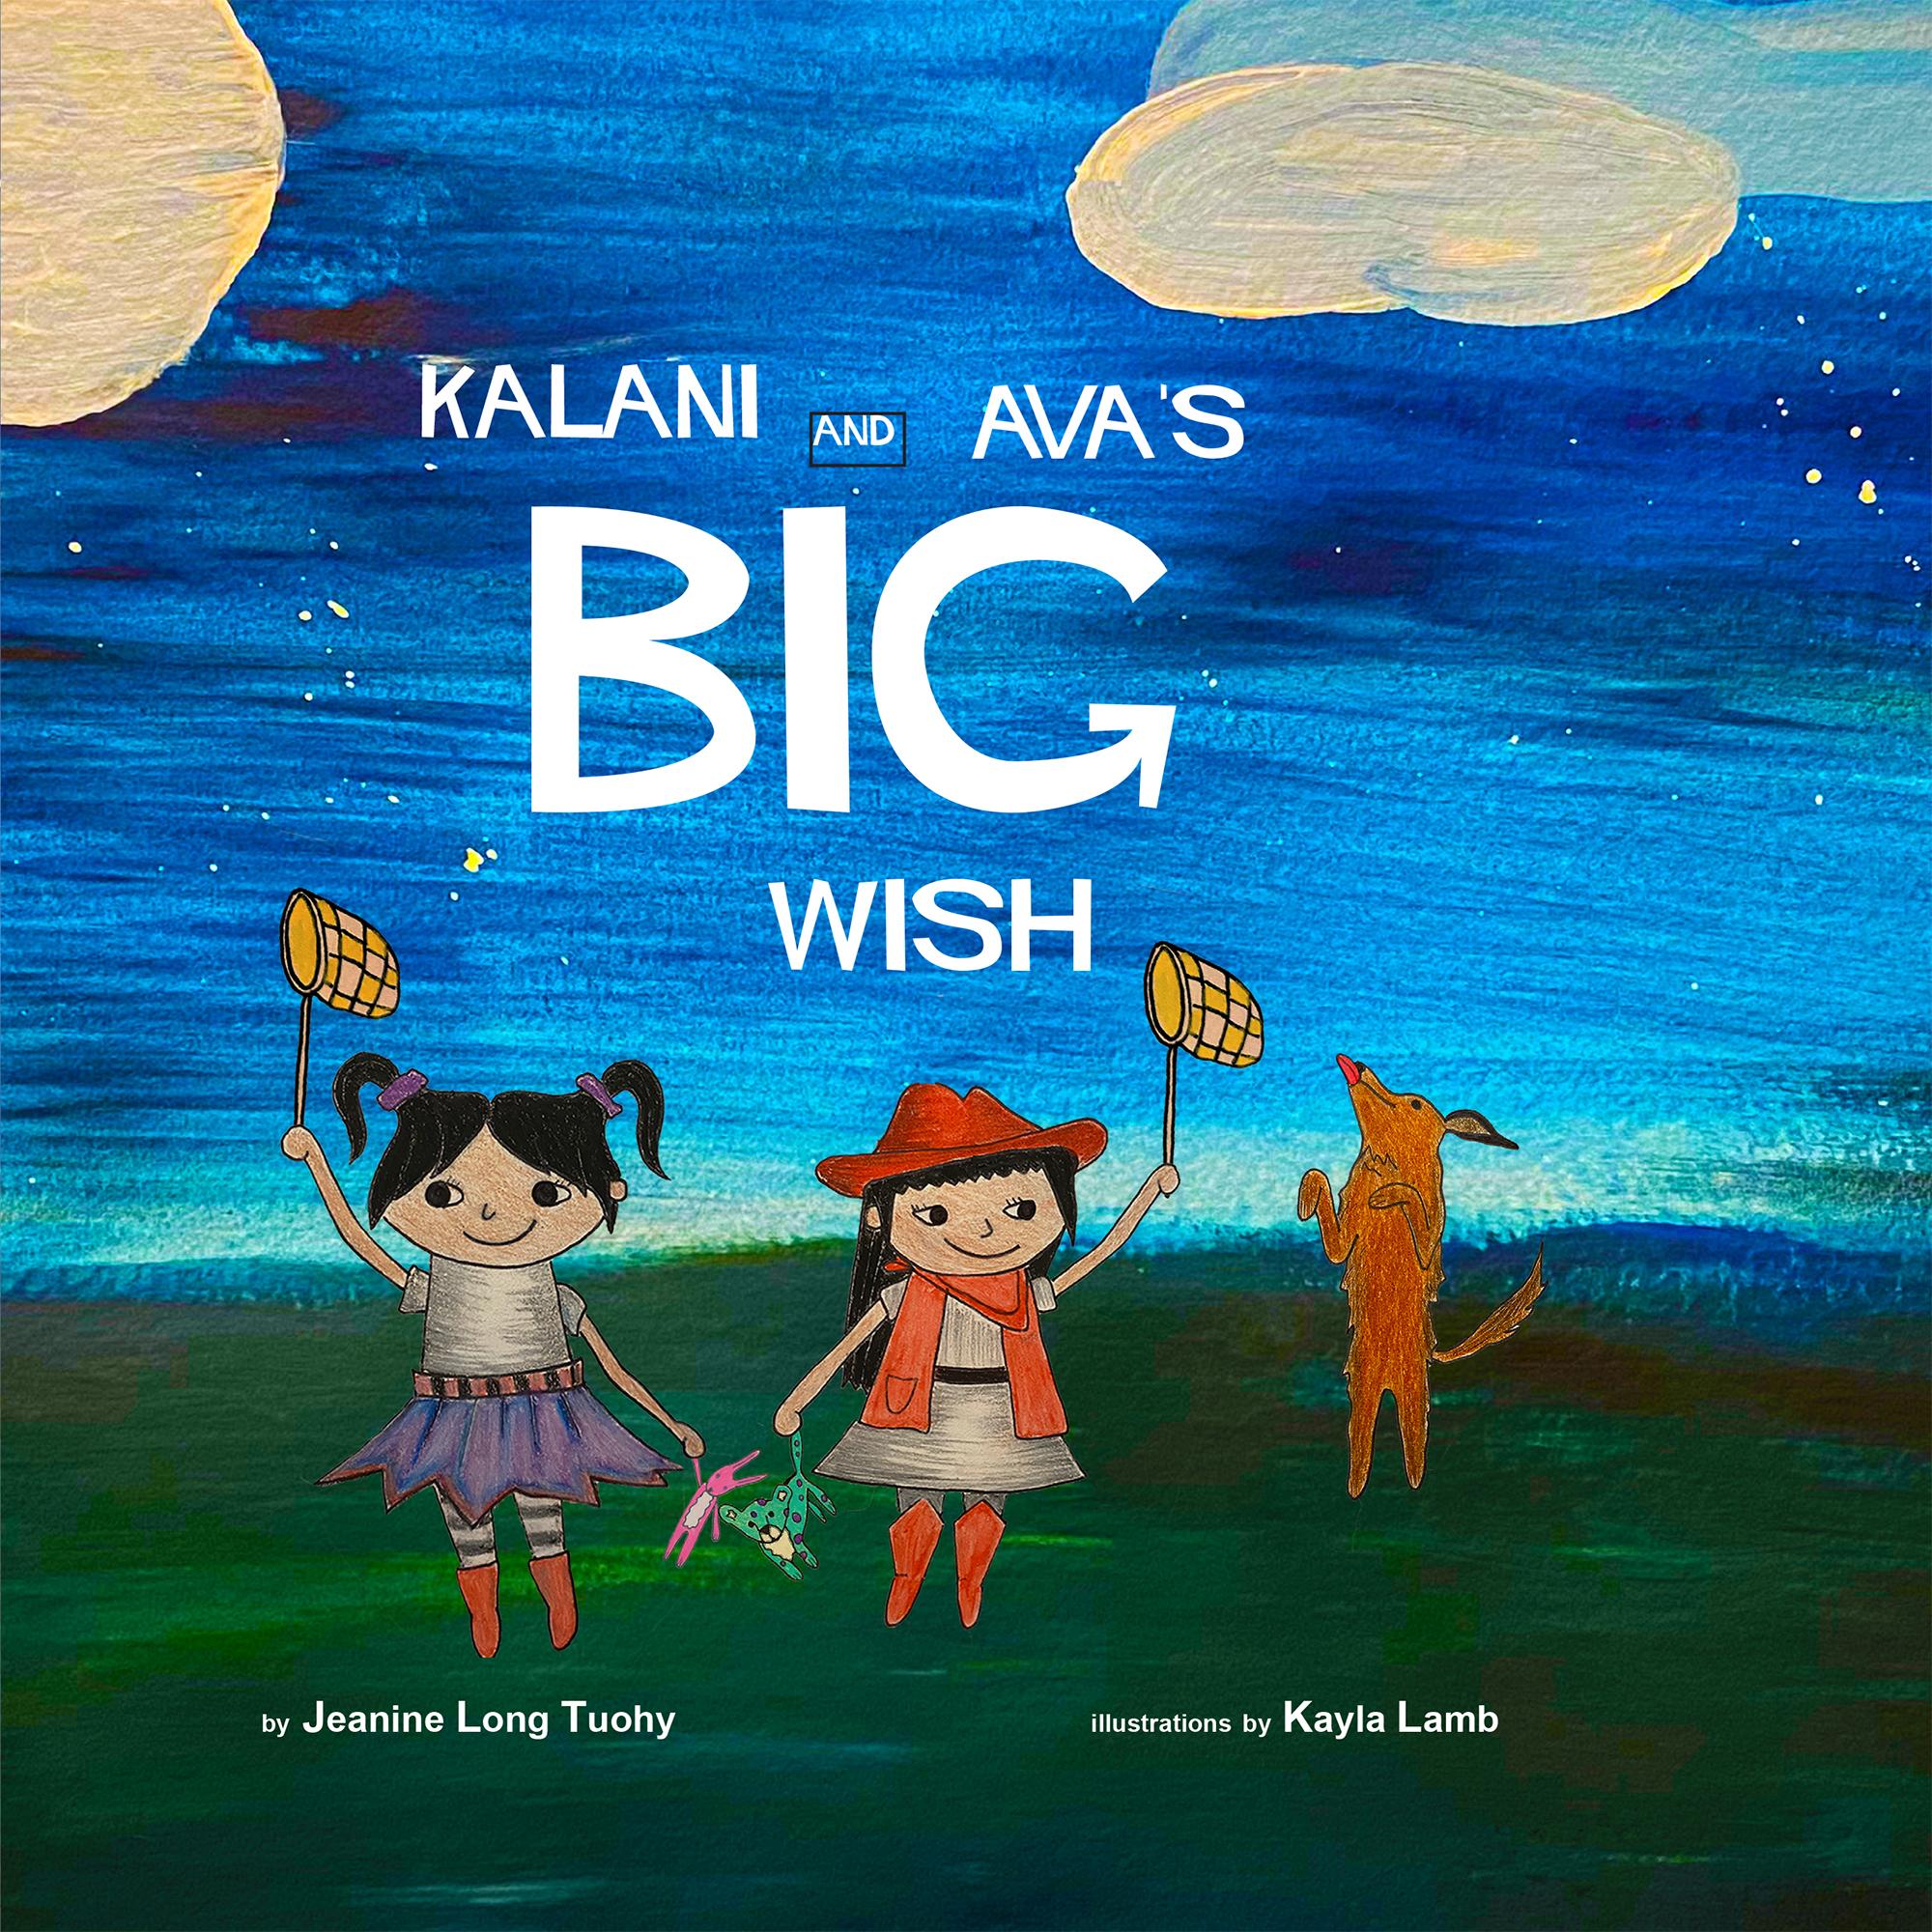 KALANI AND AVA'S BIG WISH